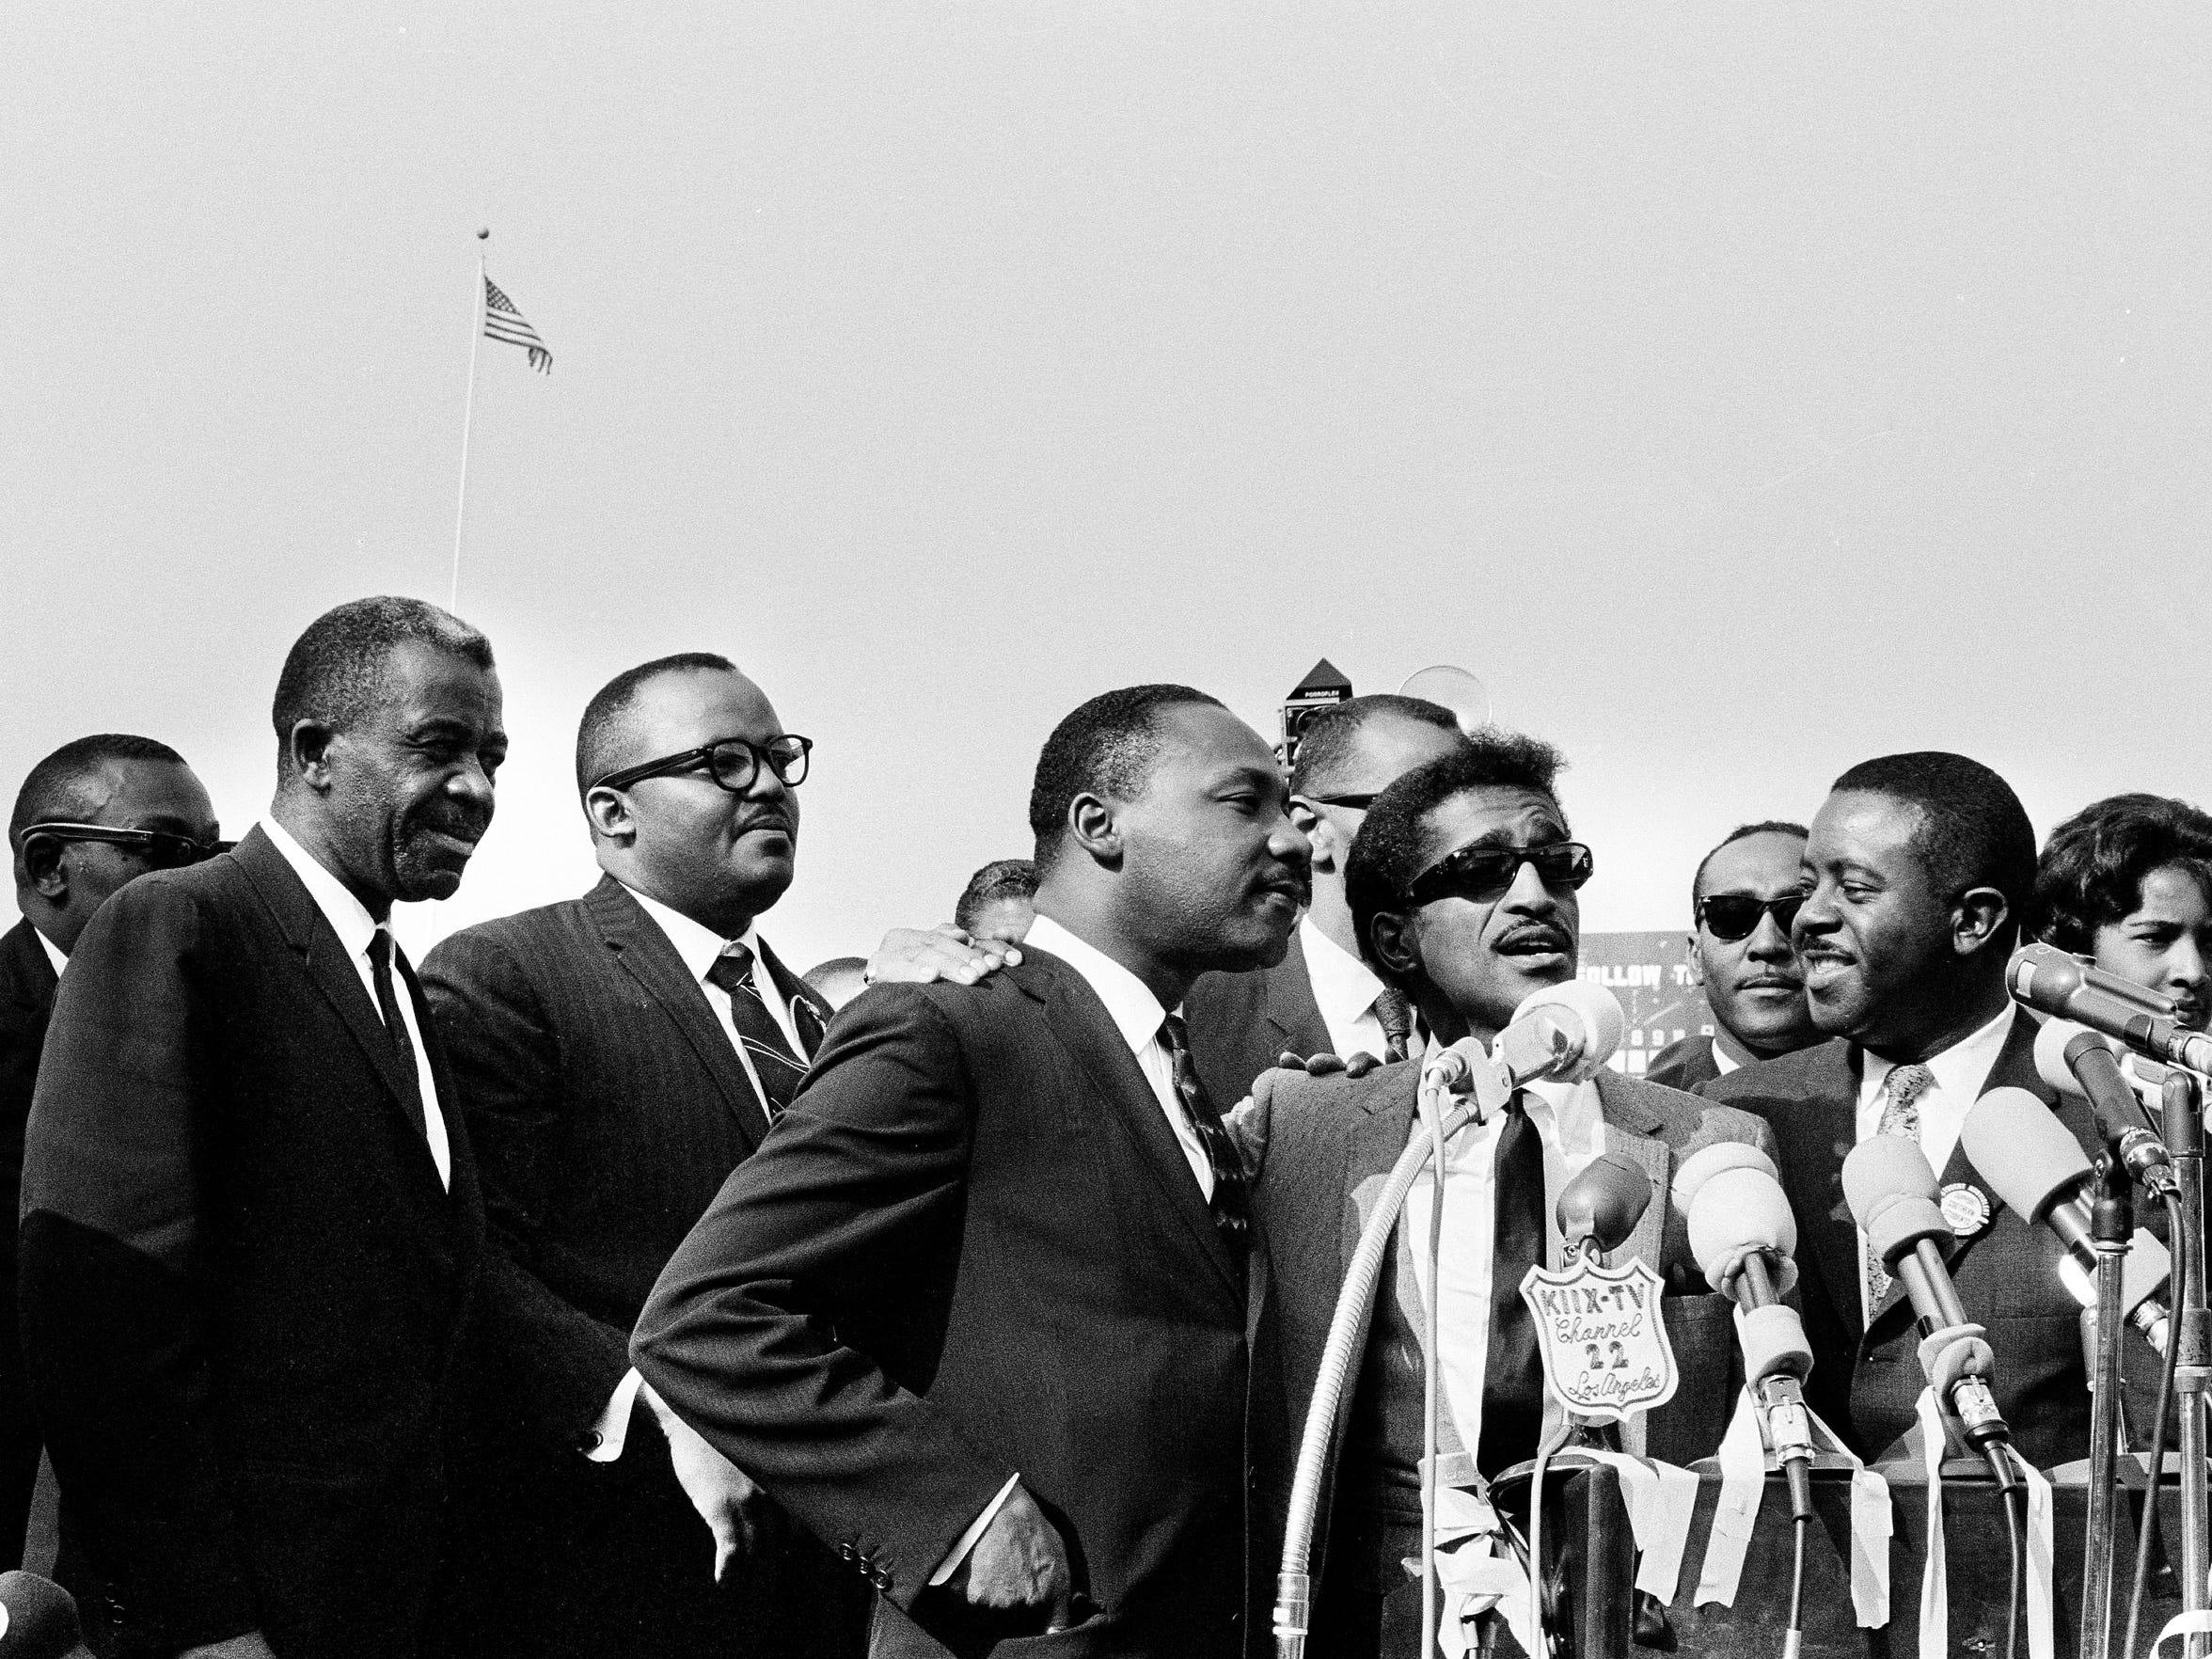 Entertainer Sammy Davis Jr., center in sunglasses,